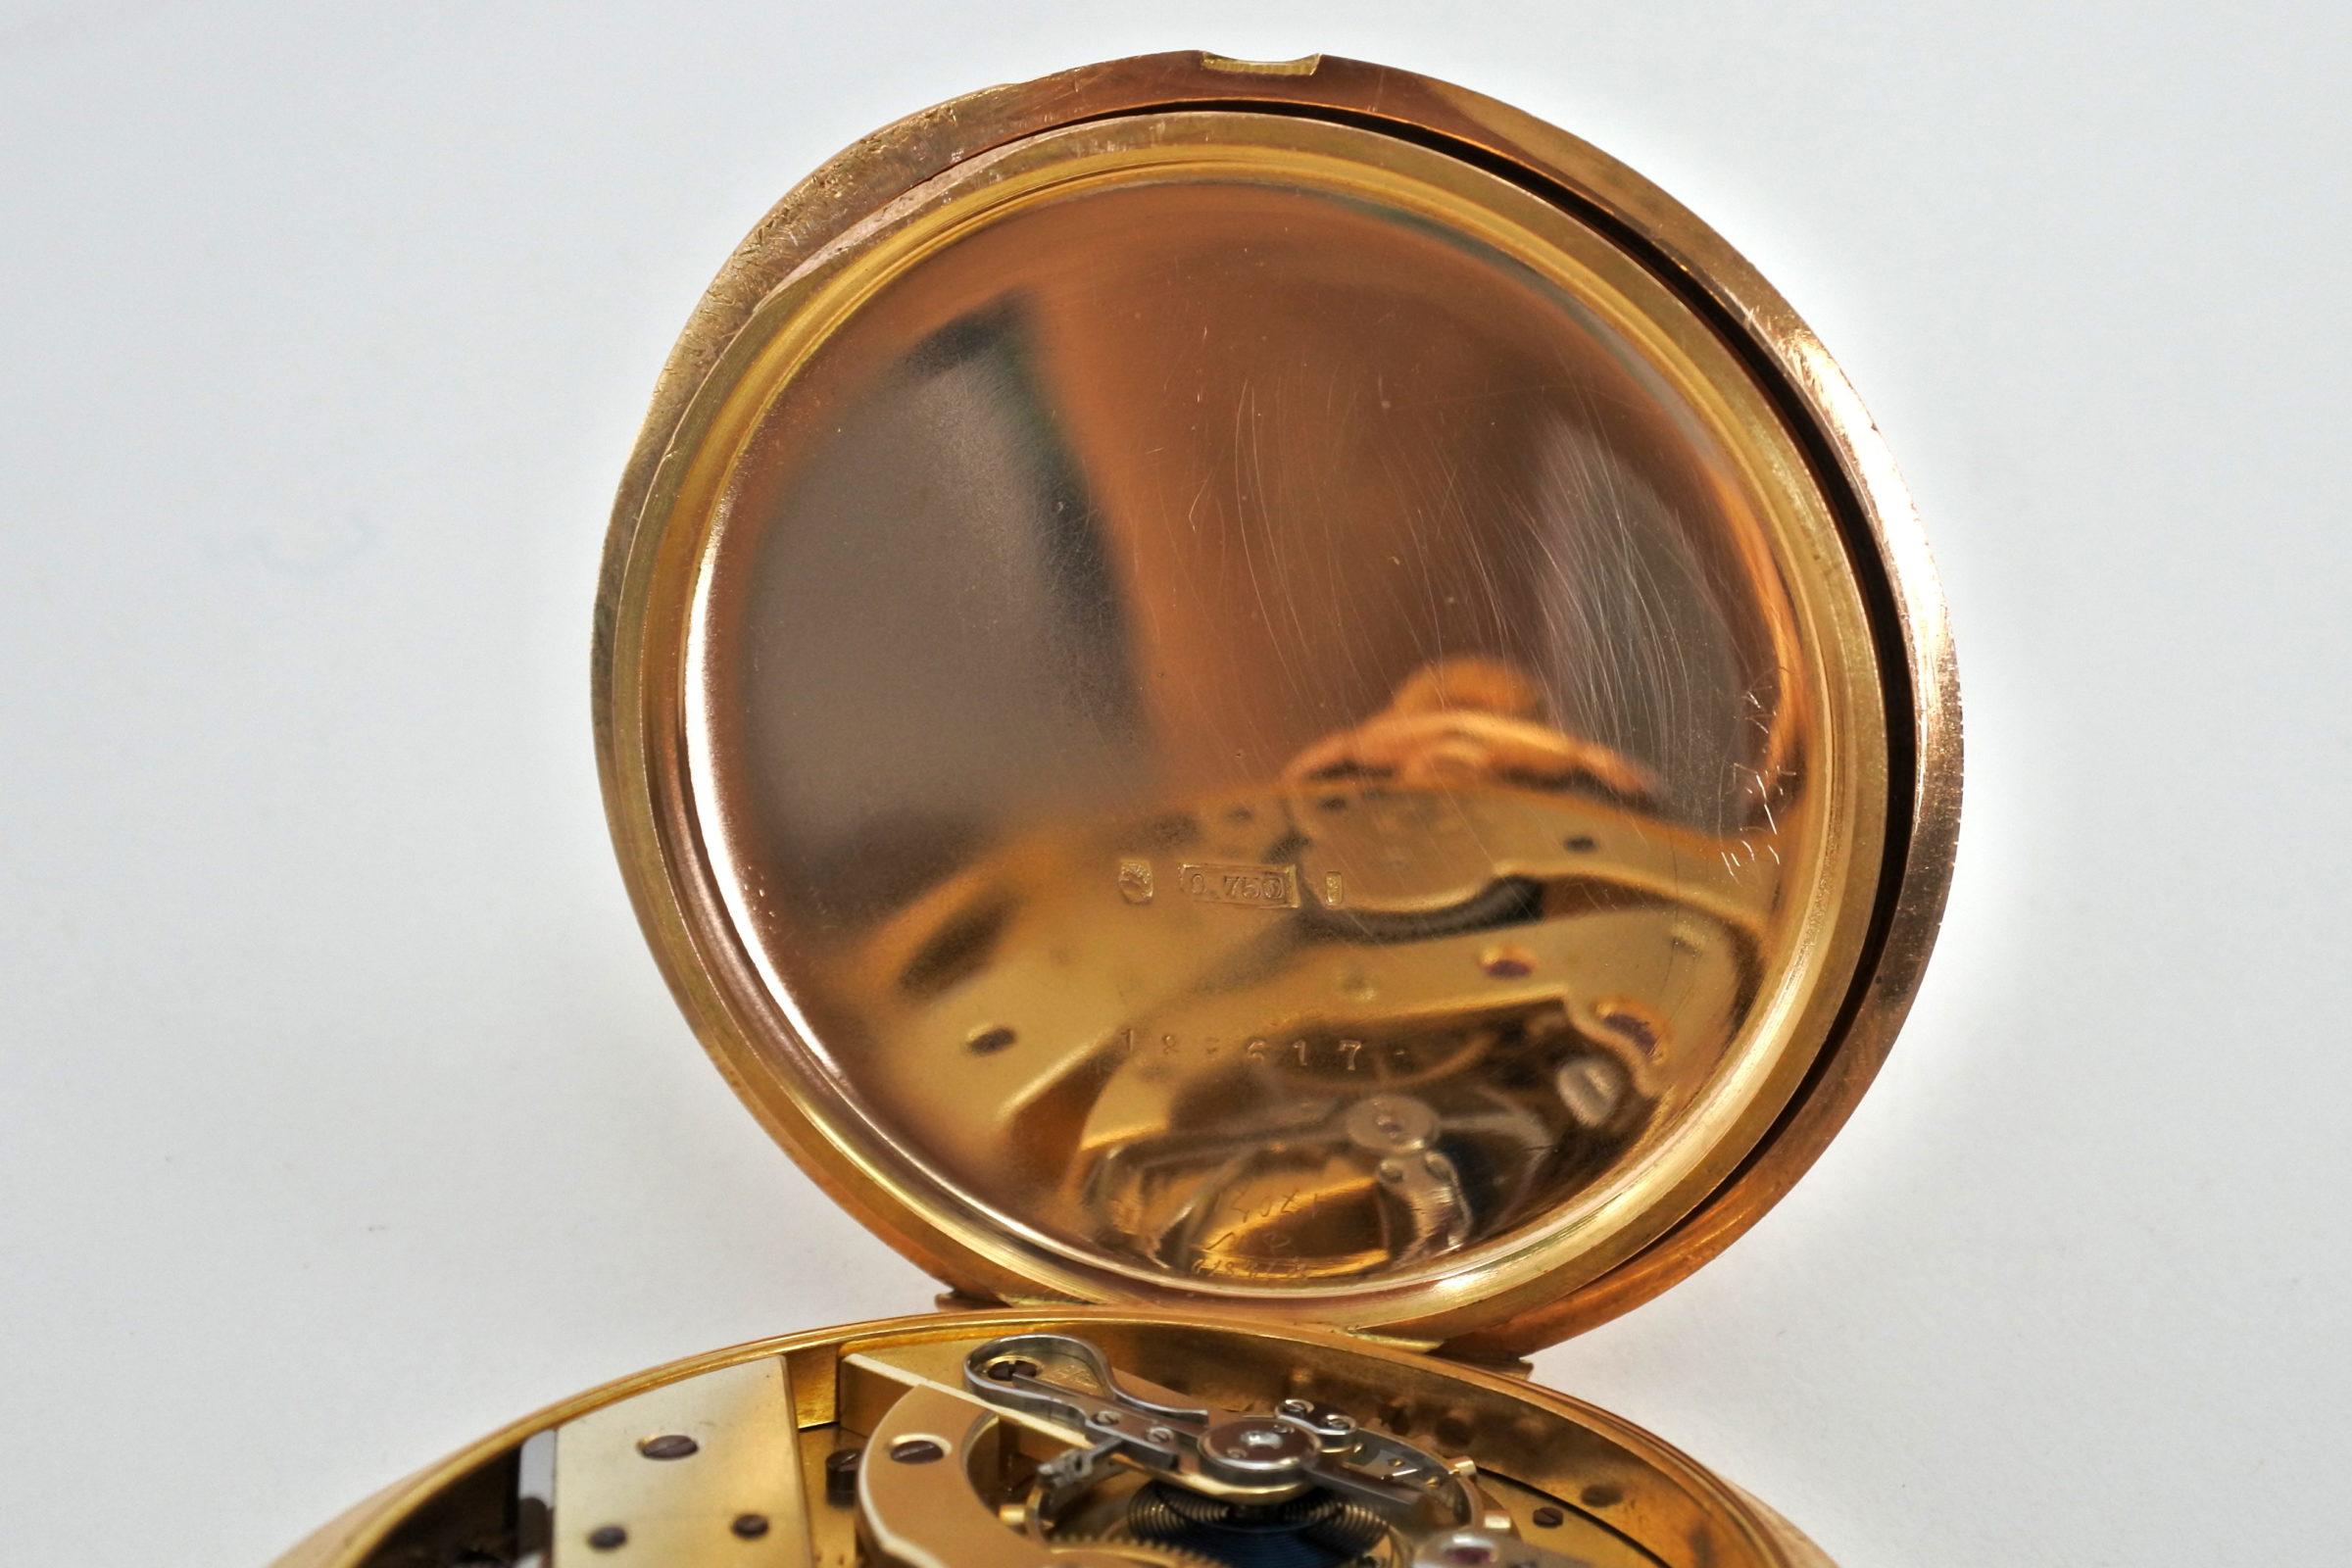 Orologio da tasca occhio di bue in oro - Vacheron & Constantin Genève - 9